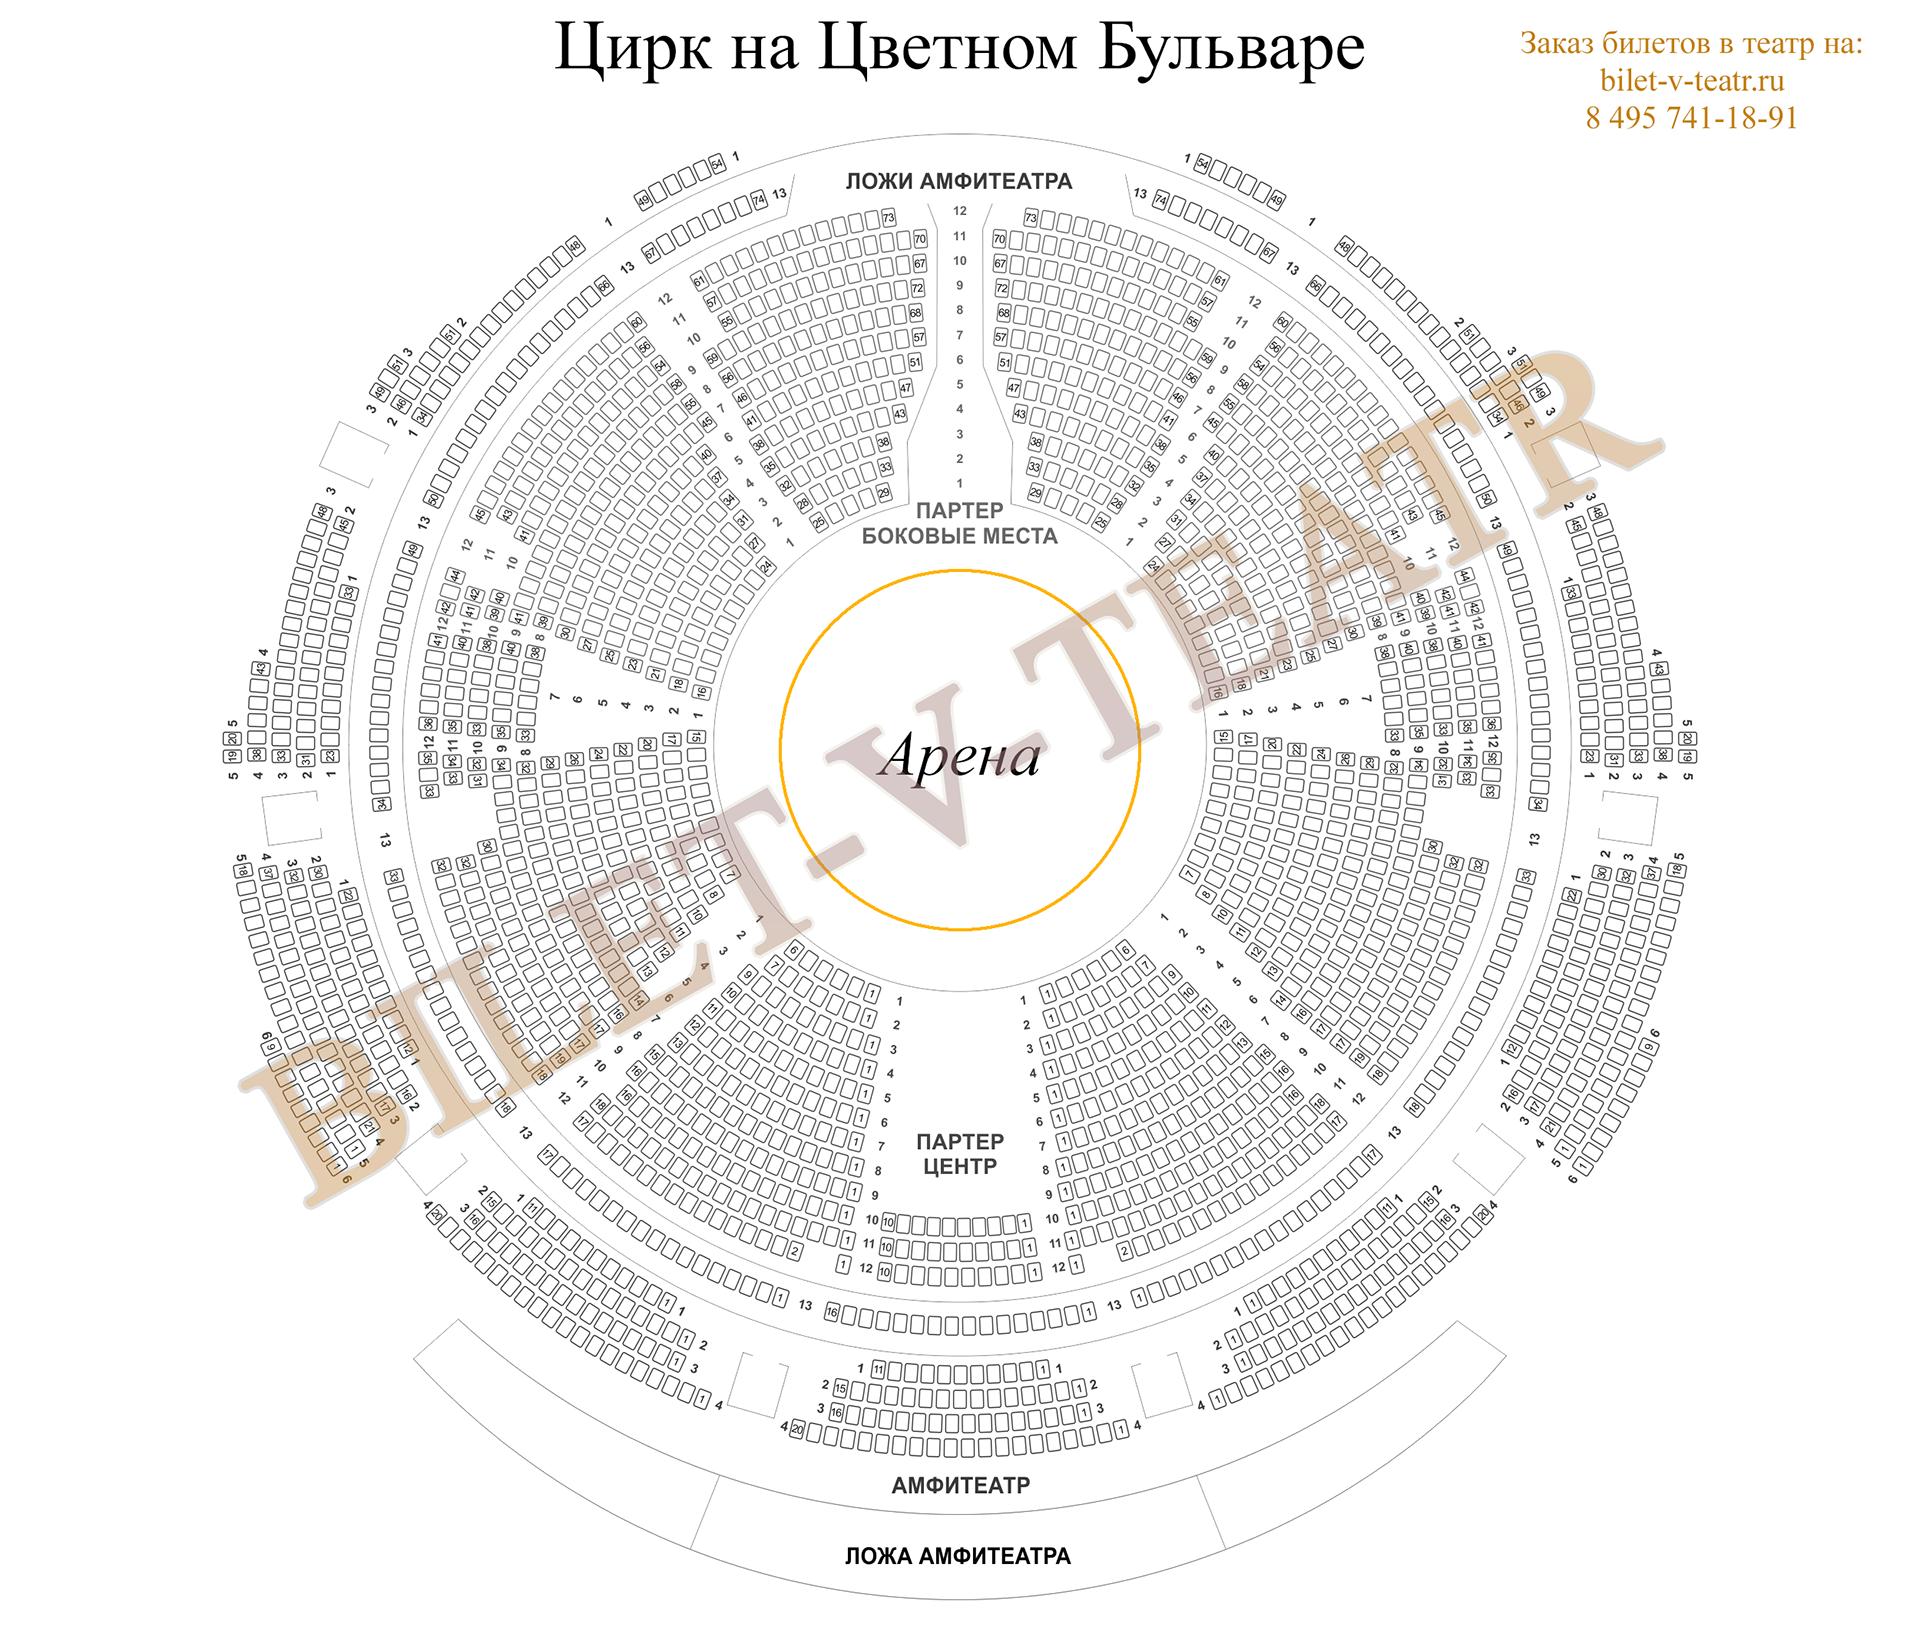 Цветной бульвар цирк билеты цена схема зала